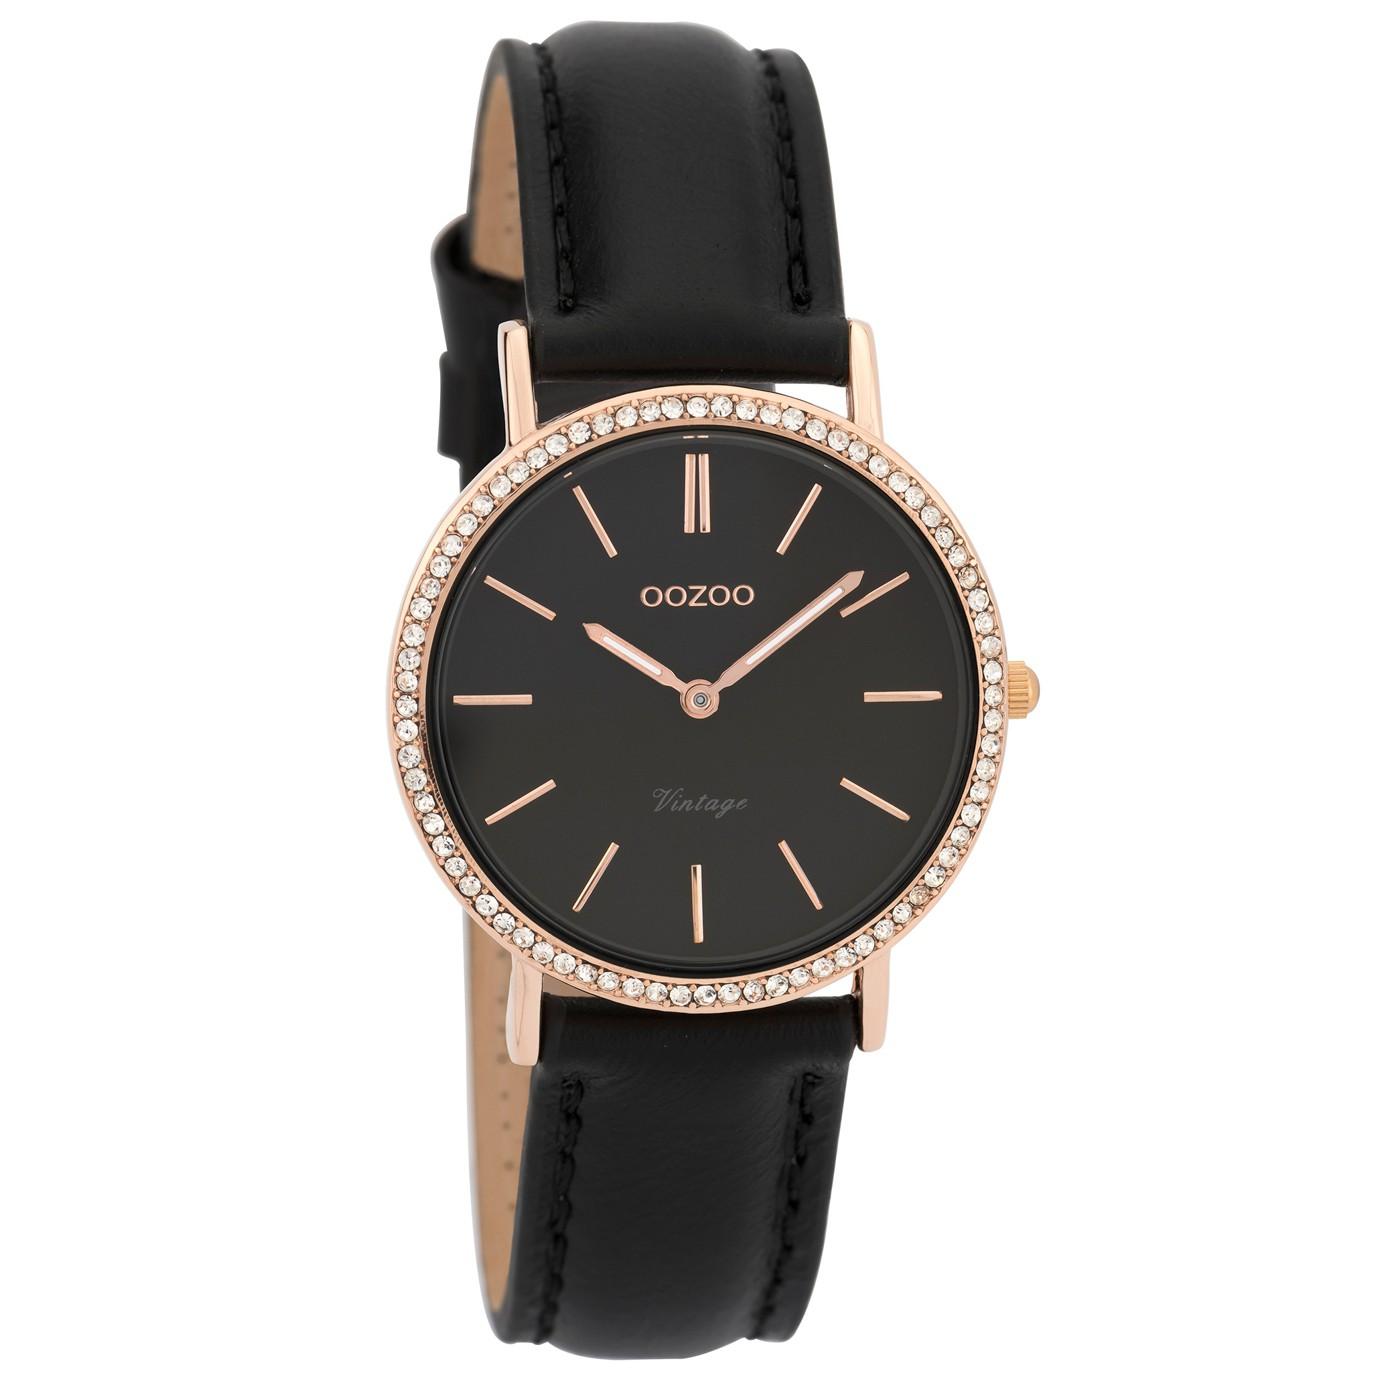 OOZOO Horloge Vintage zwart-rosékleurig 32 mm C9324